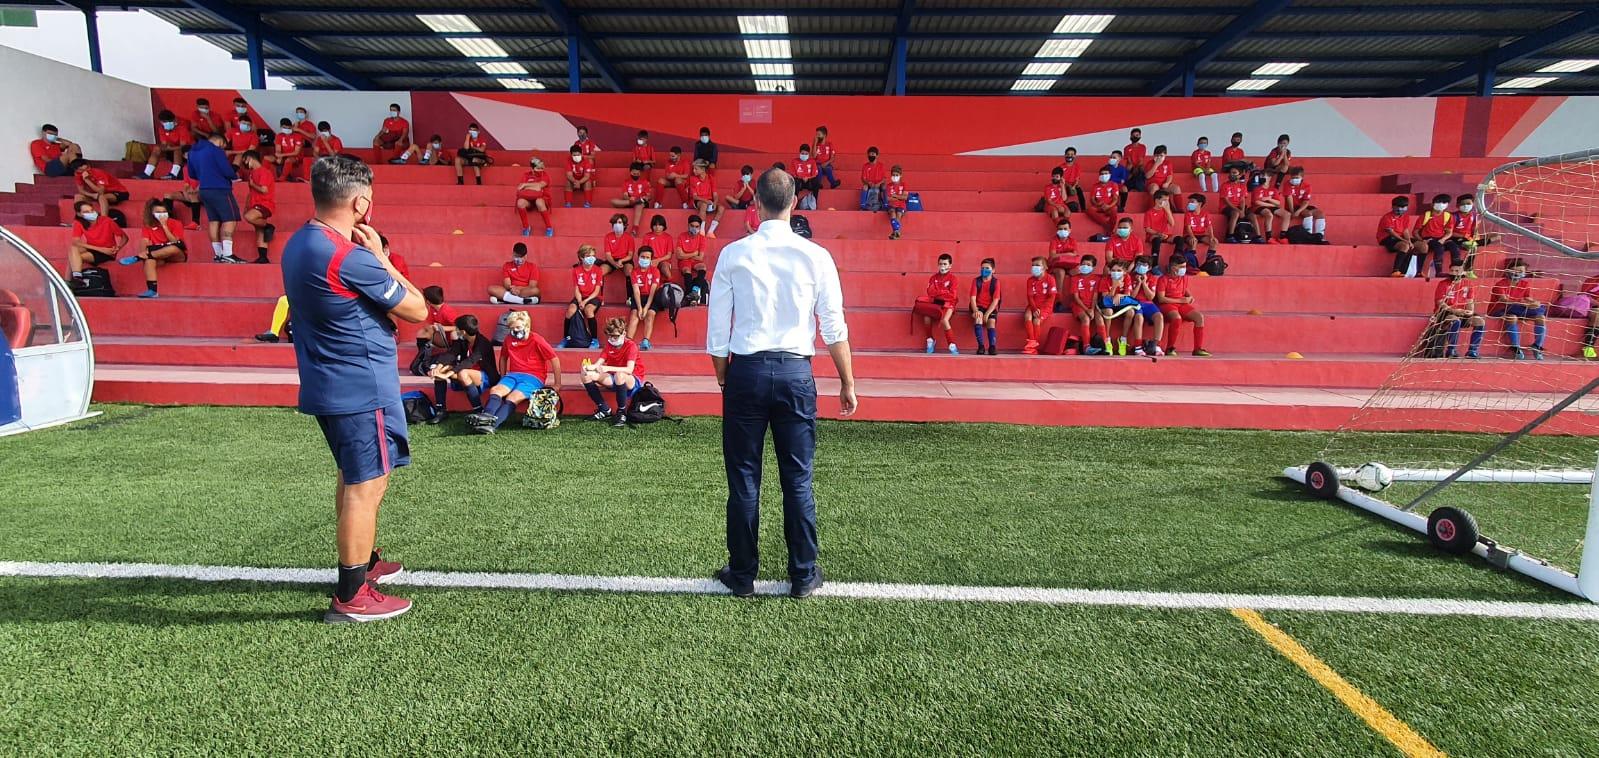 San Bartolomé aprobará el incremento de la subvención por deportista a las Escuelas Deportivas Municipales